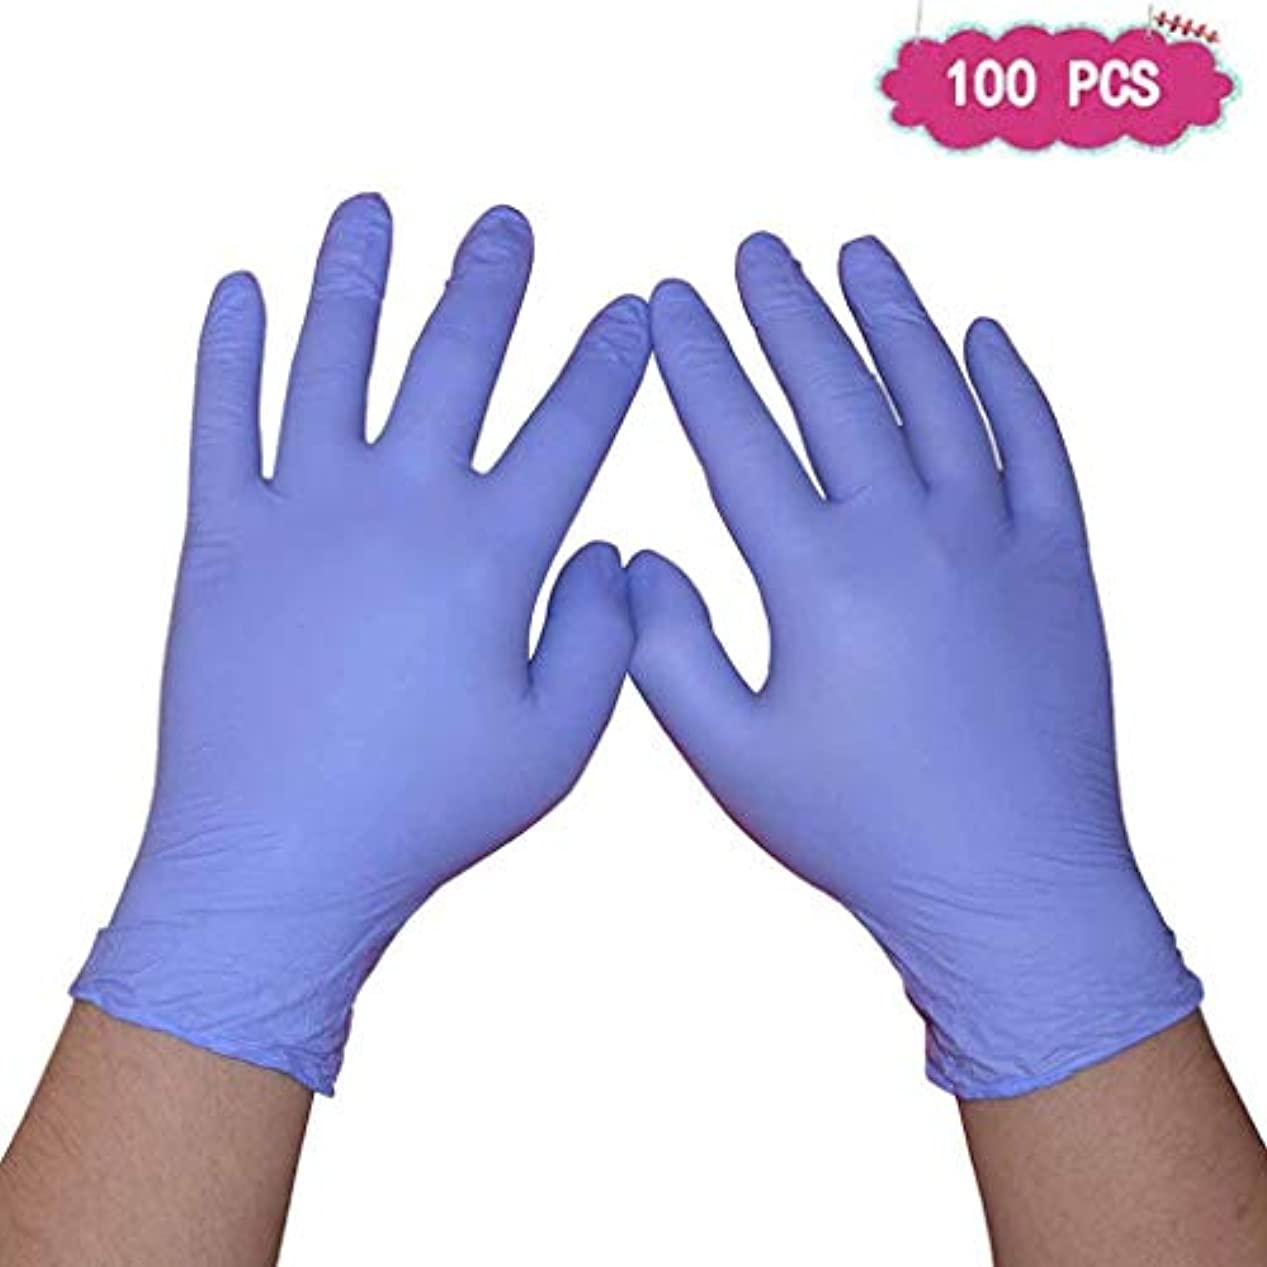 自発宣言する追記ニトリル手袋9インチパープルラテックスフードキッチンケータリングケータリングとアルカリ義務試験手袋|病院、法執行機関向けのプロフェッショナルグレード (Size : XL)